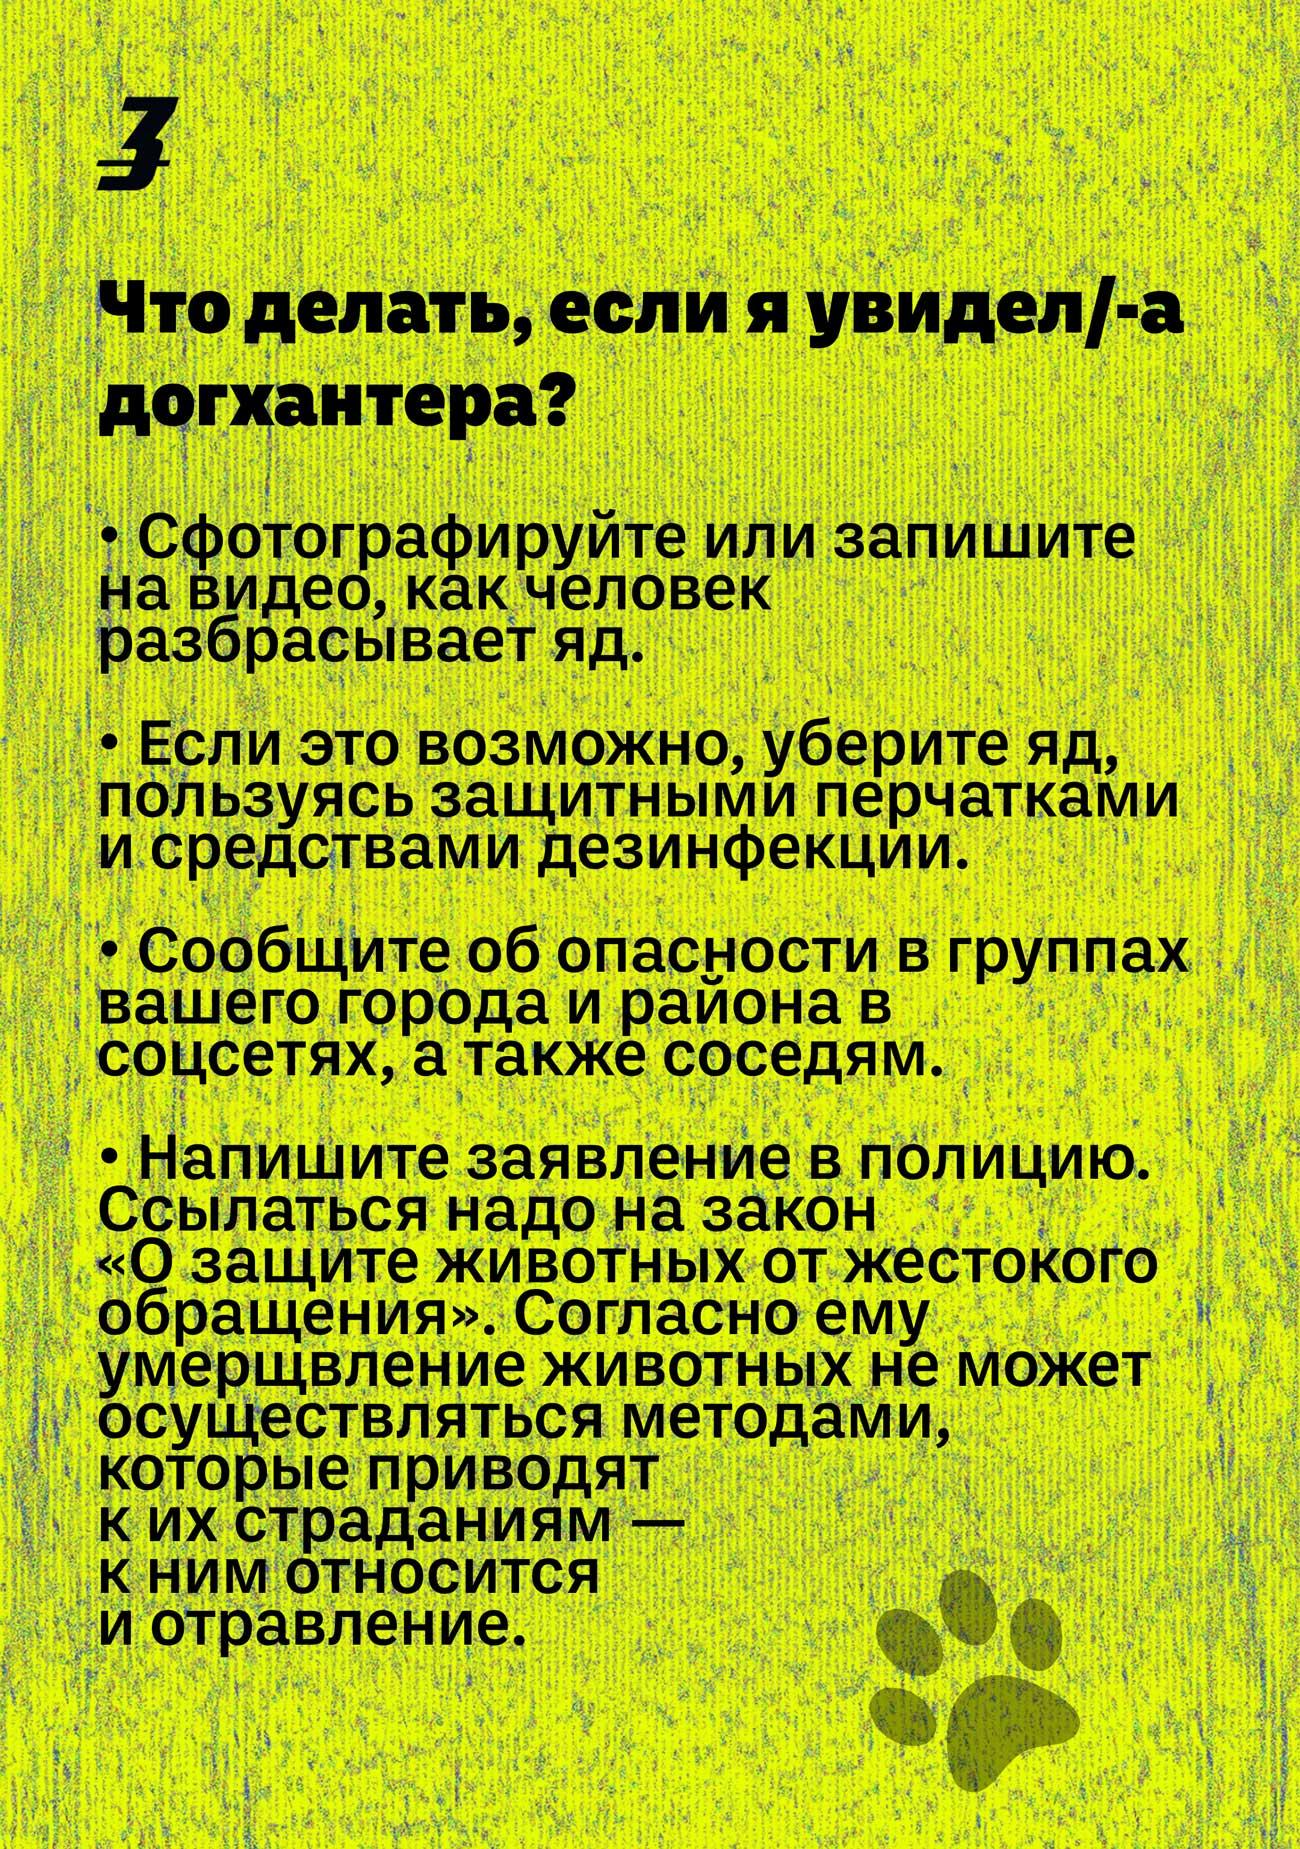 dog hunter ru 06 - <b>Кажется, мою собаку отравили.</b> Что делать? - Заборона